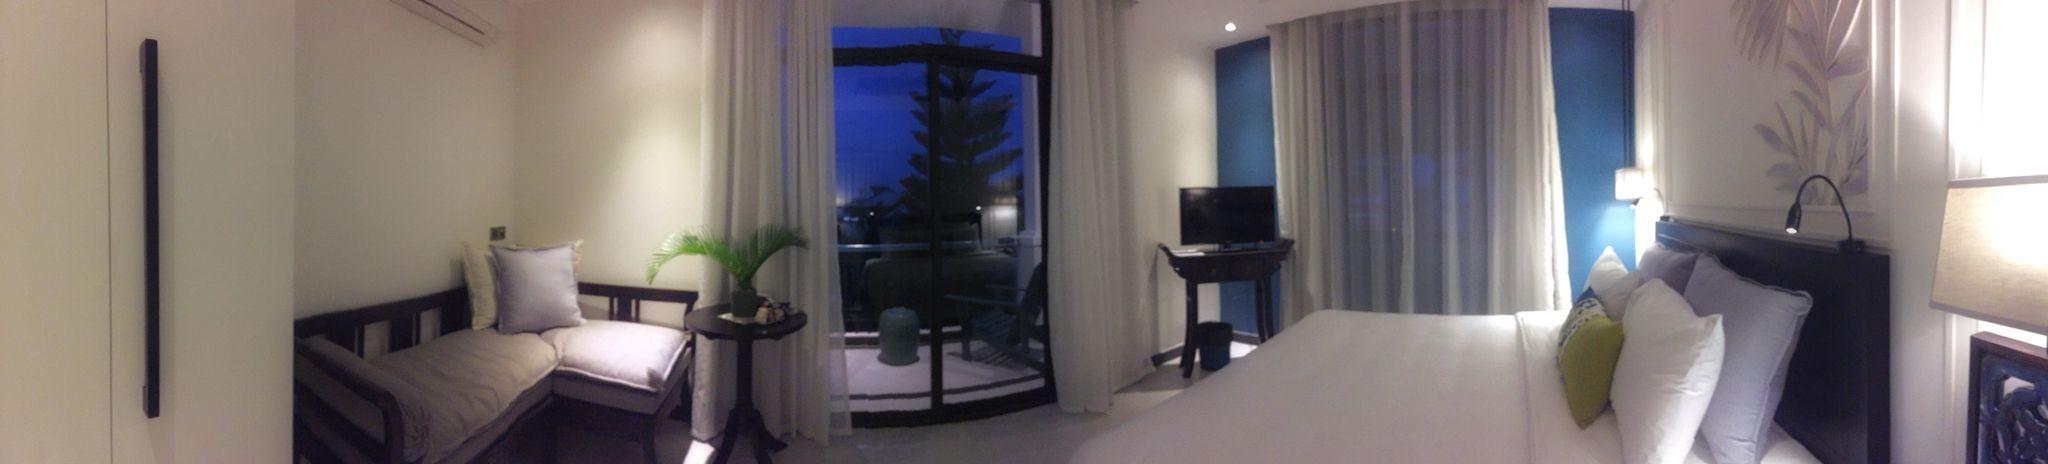 Hotel Maison Vy, Hoi An, Vietnam